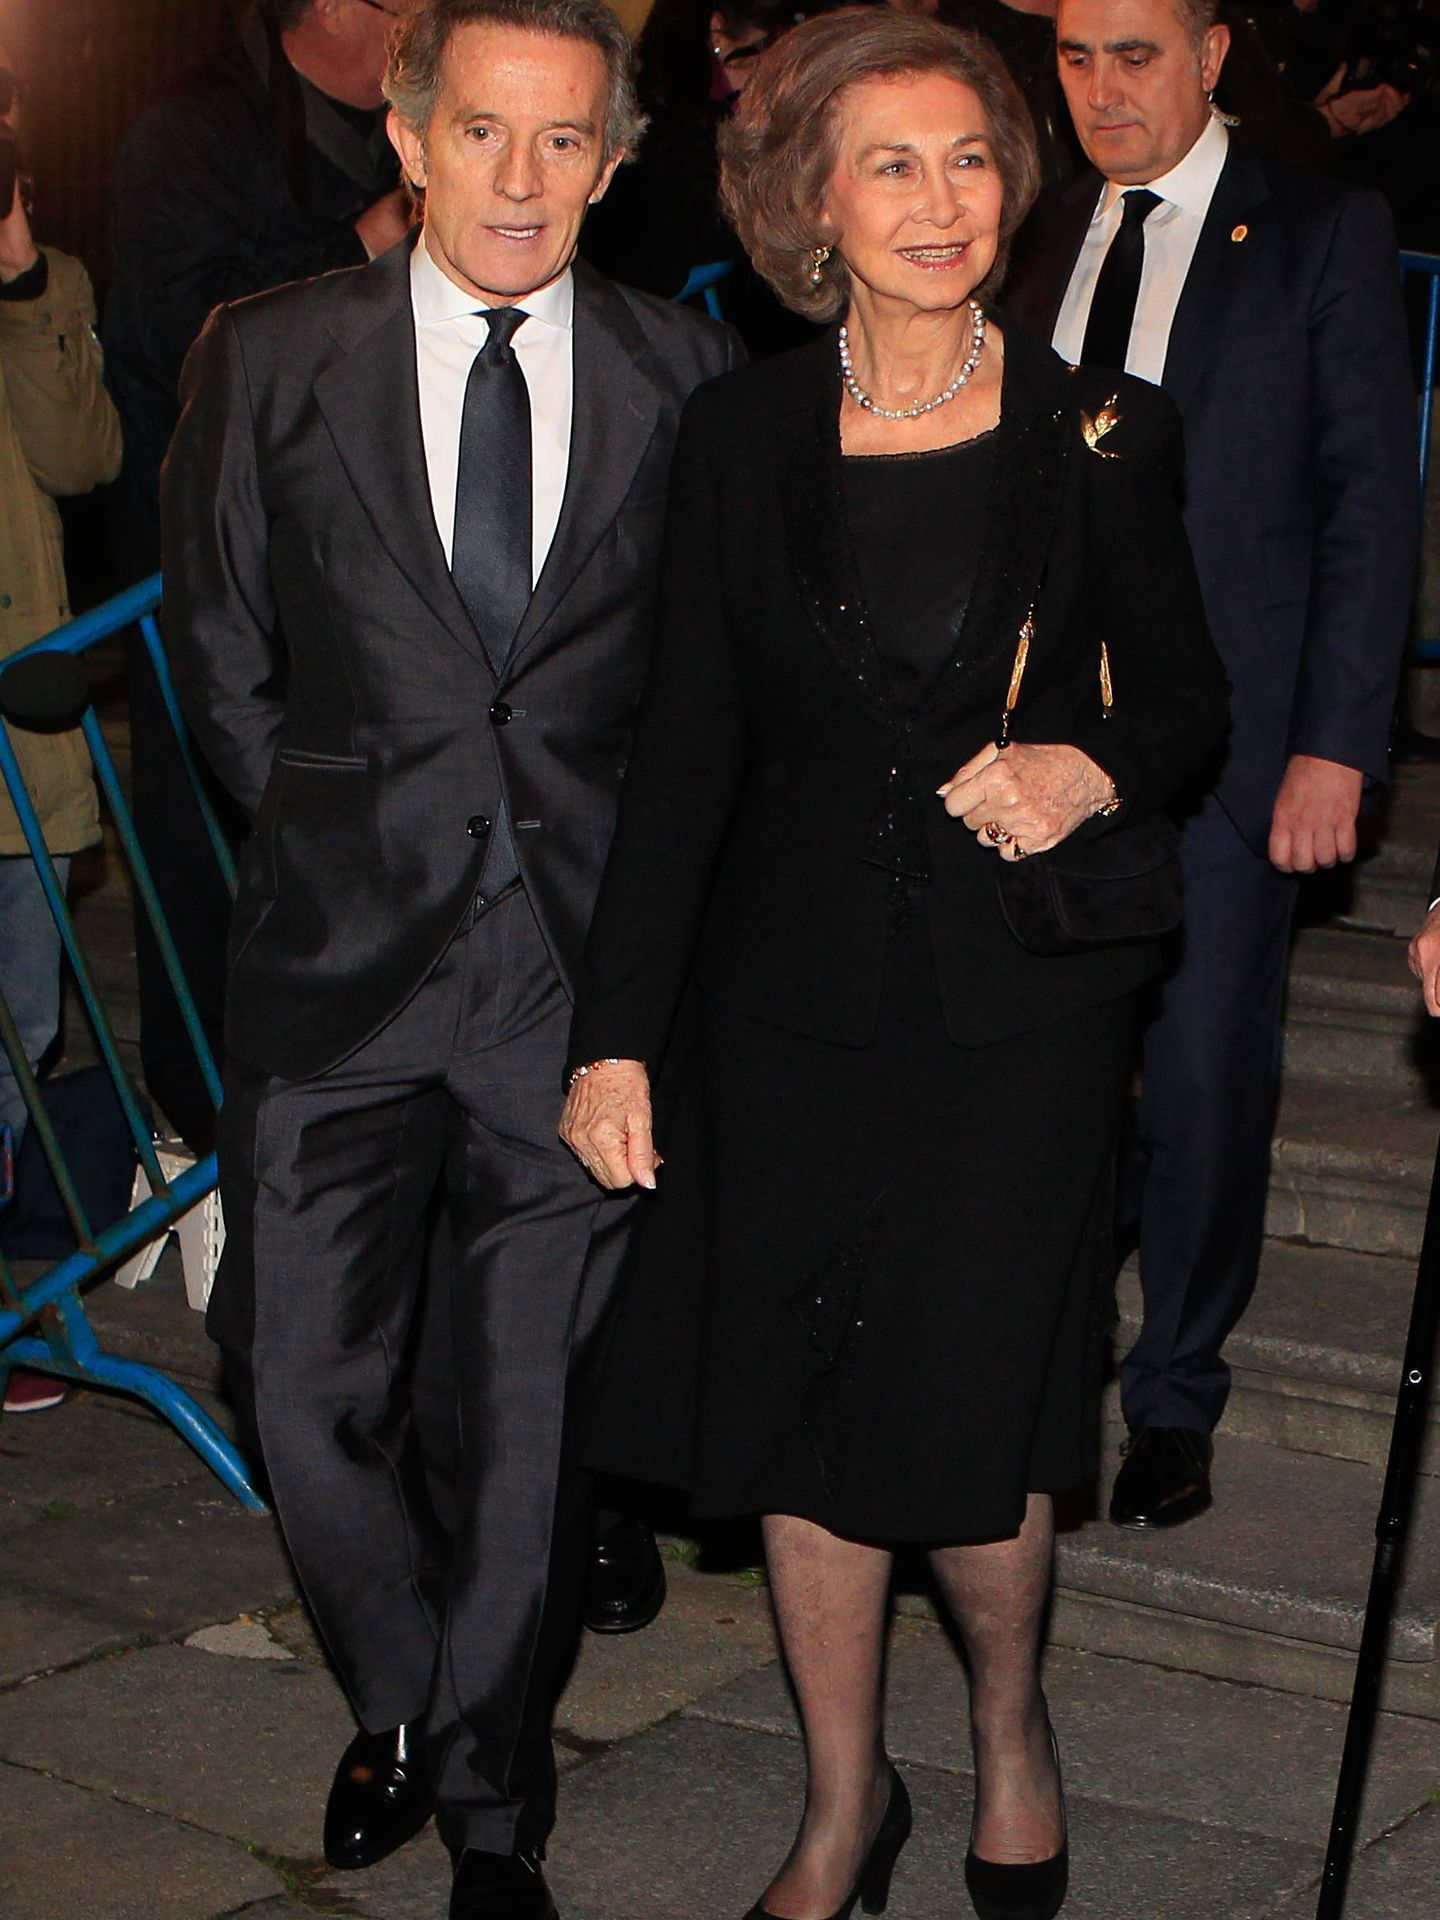 Alfonso Diez y la reina Sofía en el funeral por la muerte de la duquesa de Alba en 2014. (Getty)